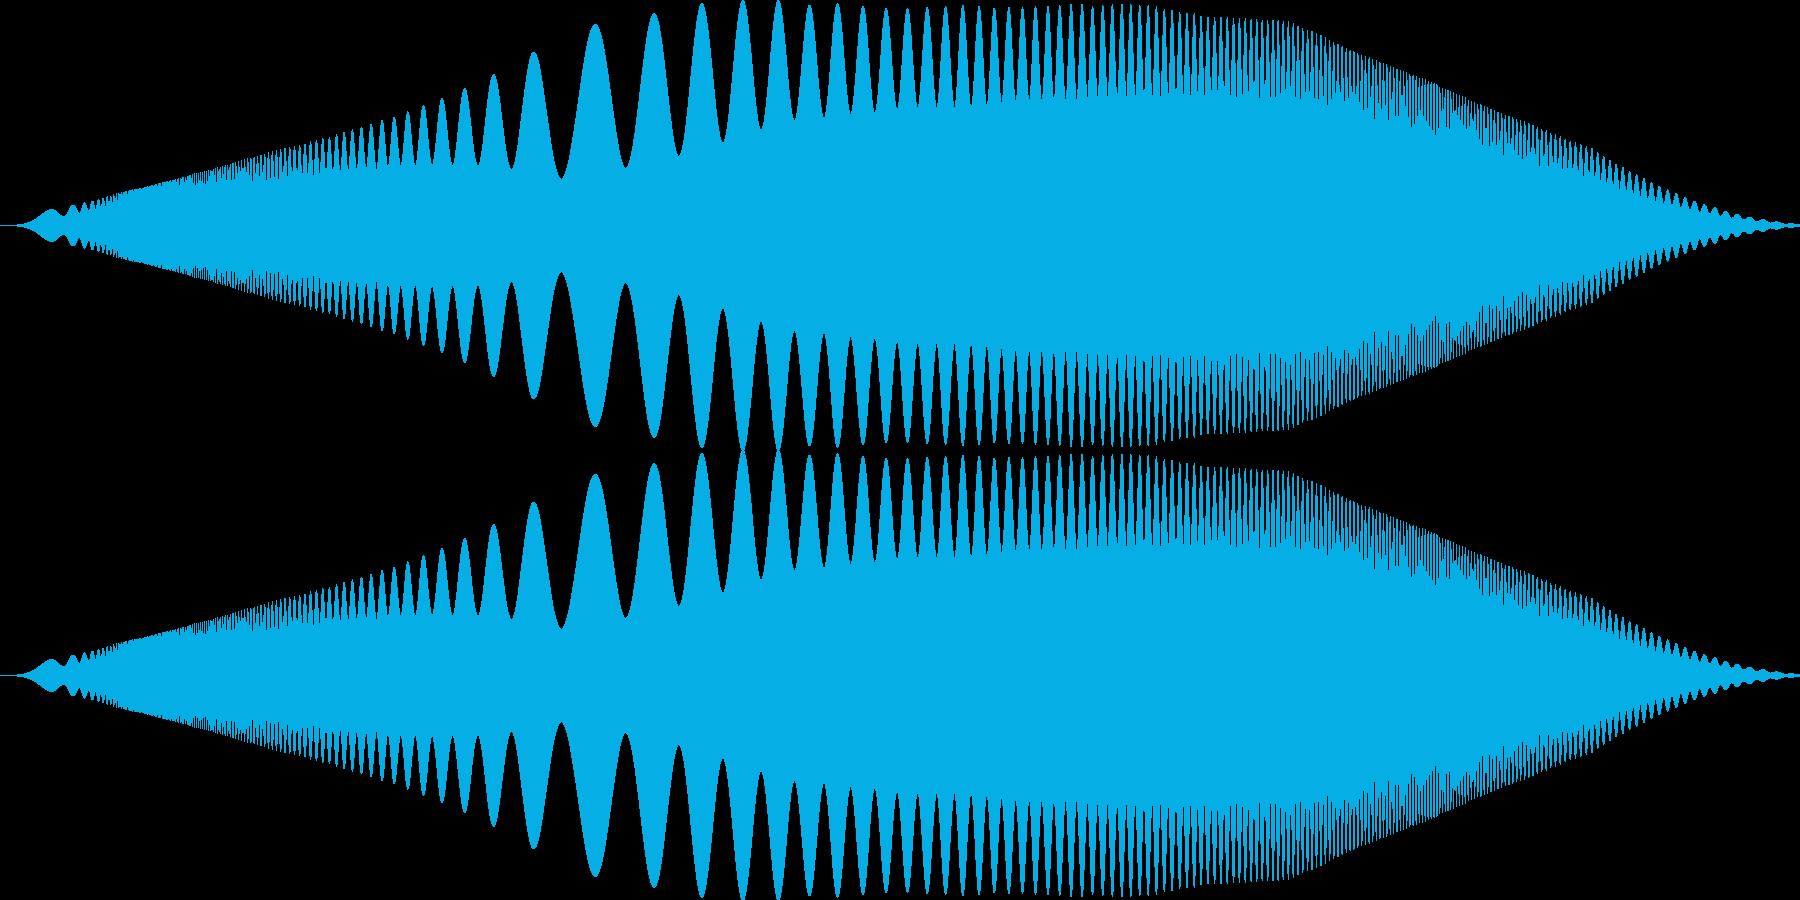 ぴゆわぁお みたいな音です。の再生済みの波形